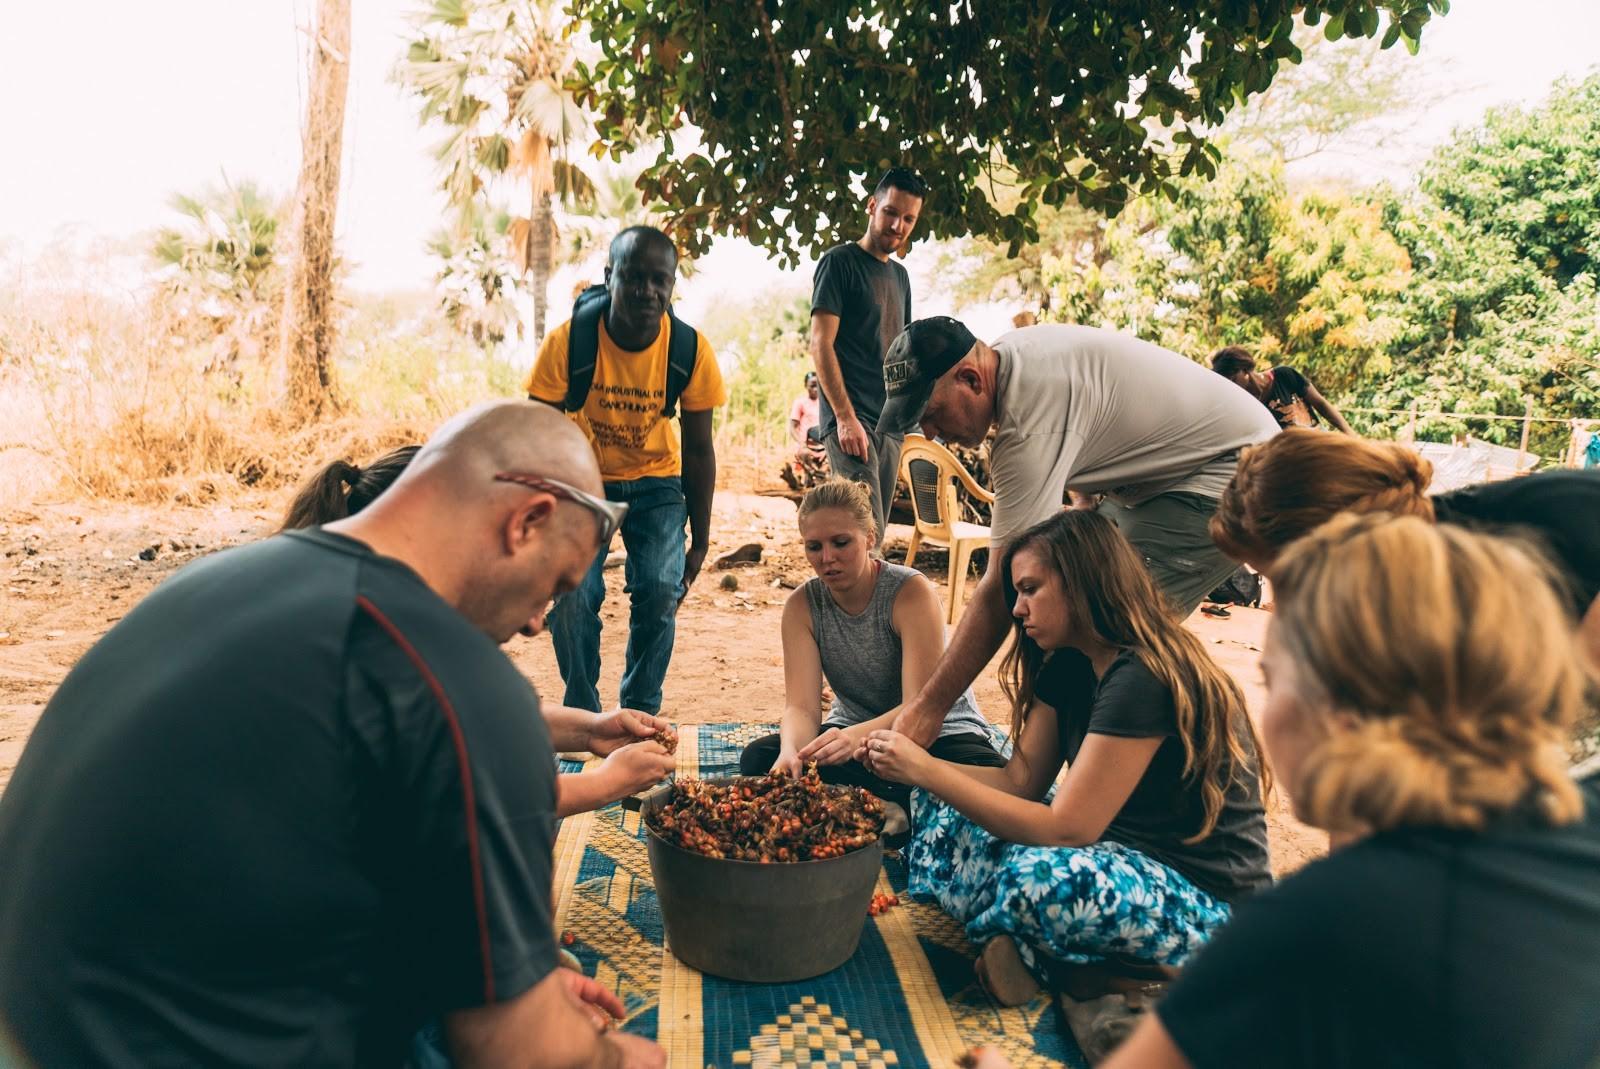 Visitors to Guinea-Bissau West Africa participate in Djumbai